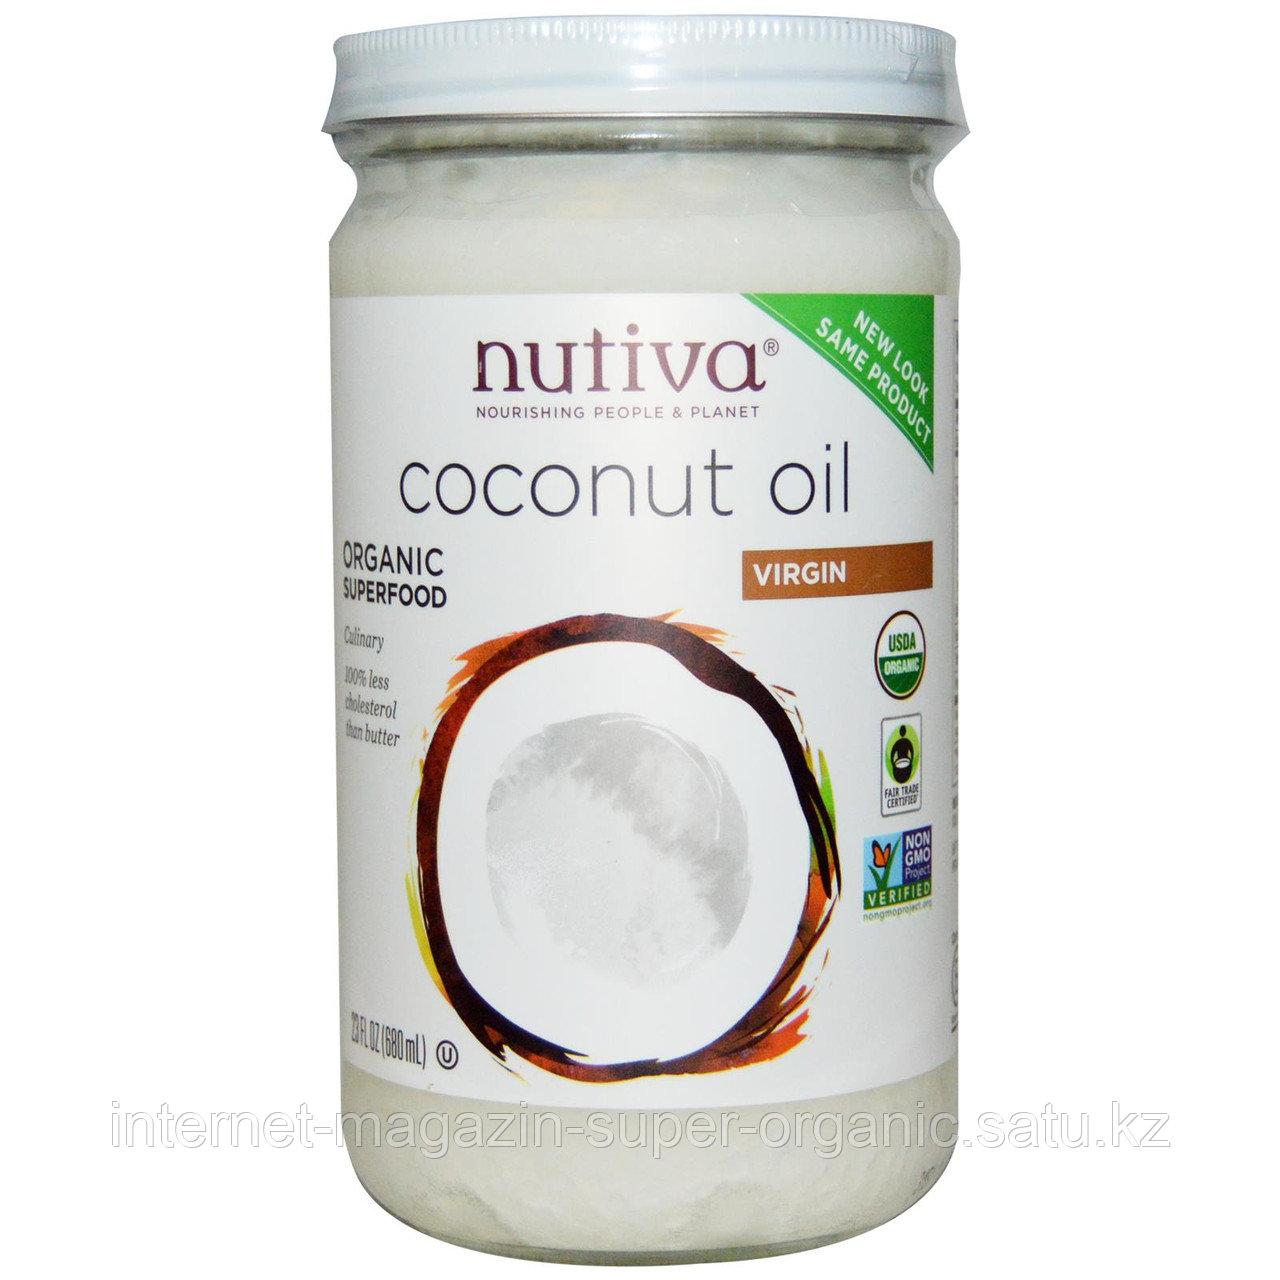 Органическое кокосовое масло первого холодного отжима нерафинированное, 680 мл, стеклянная банка, Nutiva